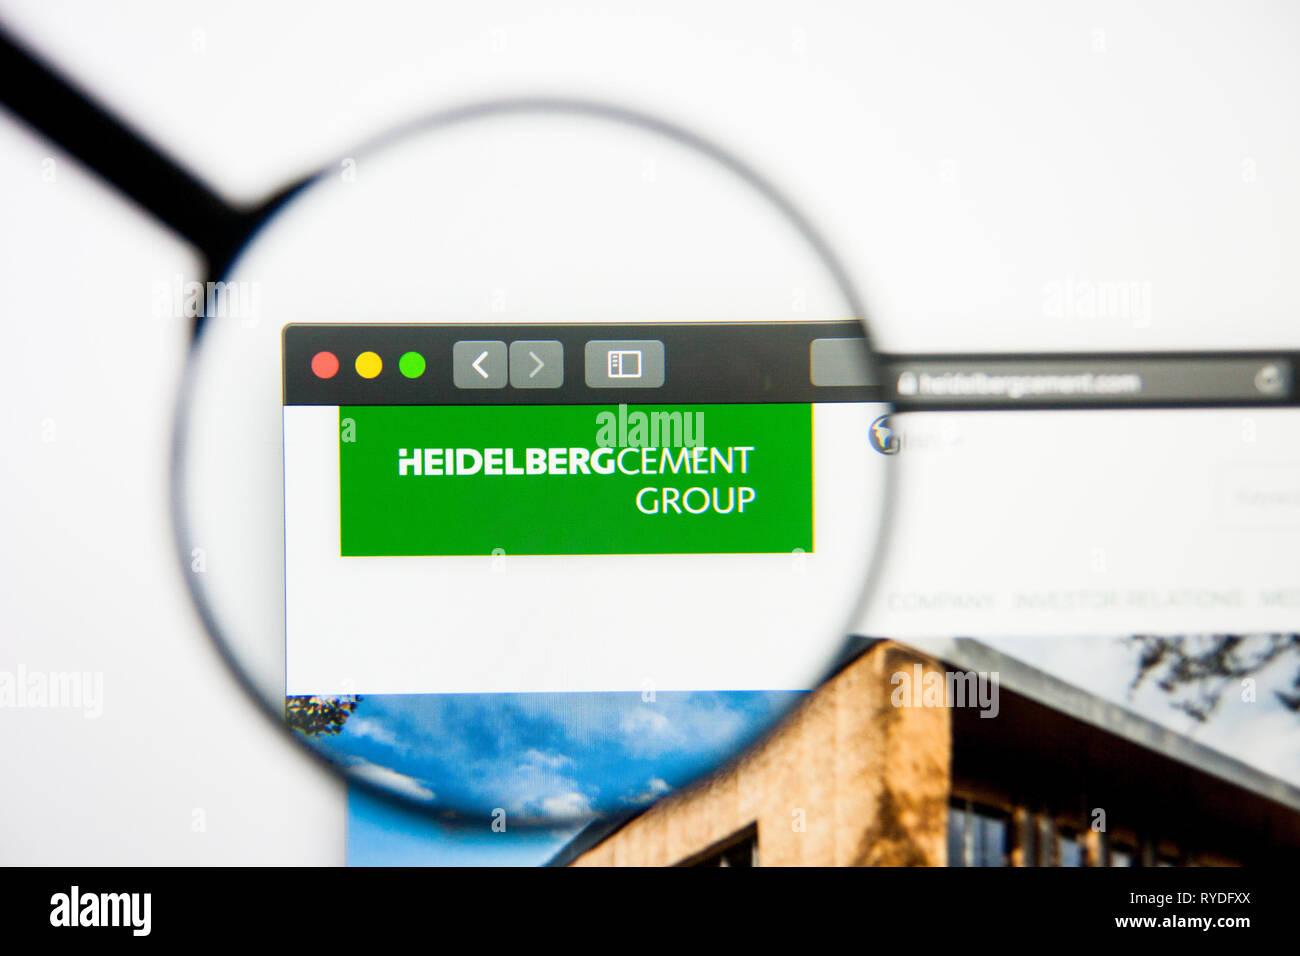 Los Angeles, Californie, USA - 5 mars 2019: HeidelbergCement accueil du site. Logo HeidelbergCement visible sur l'écran d'affichage, d'illustration Photo Stock